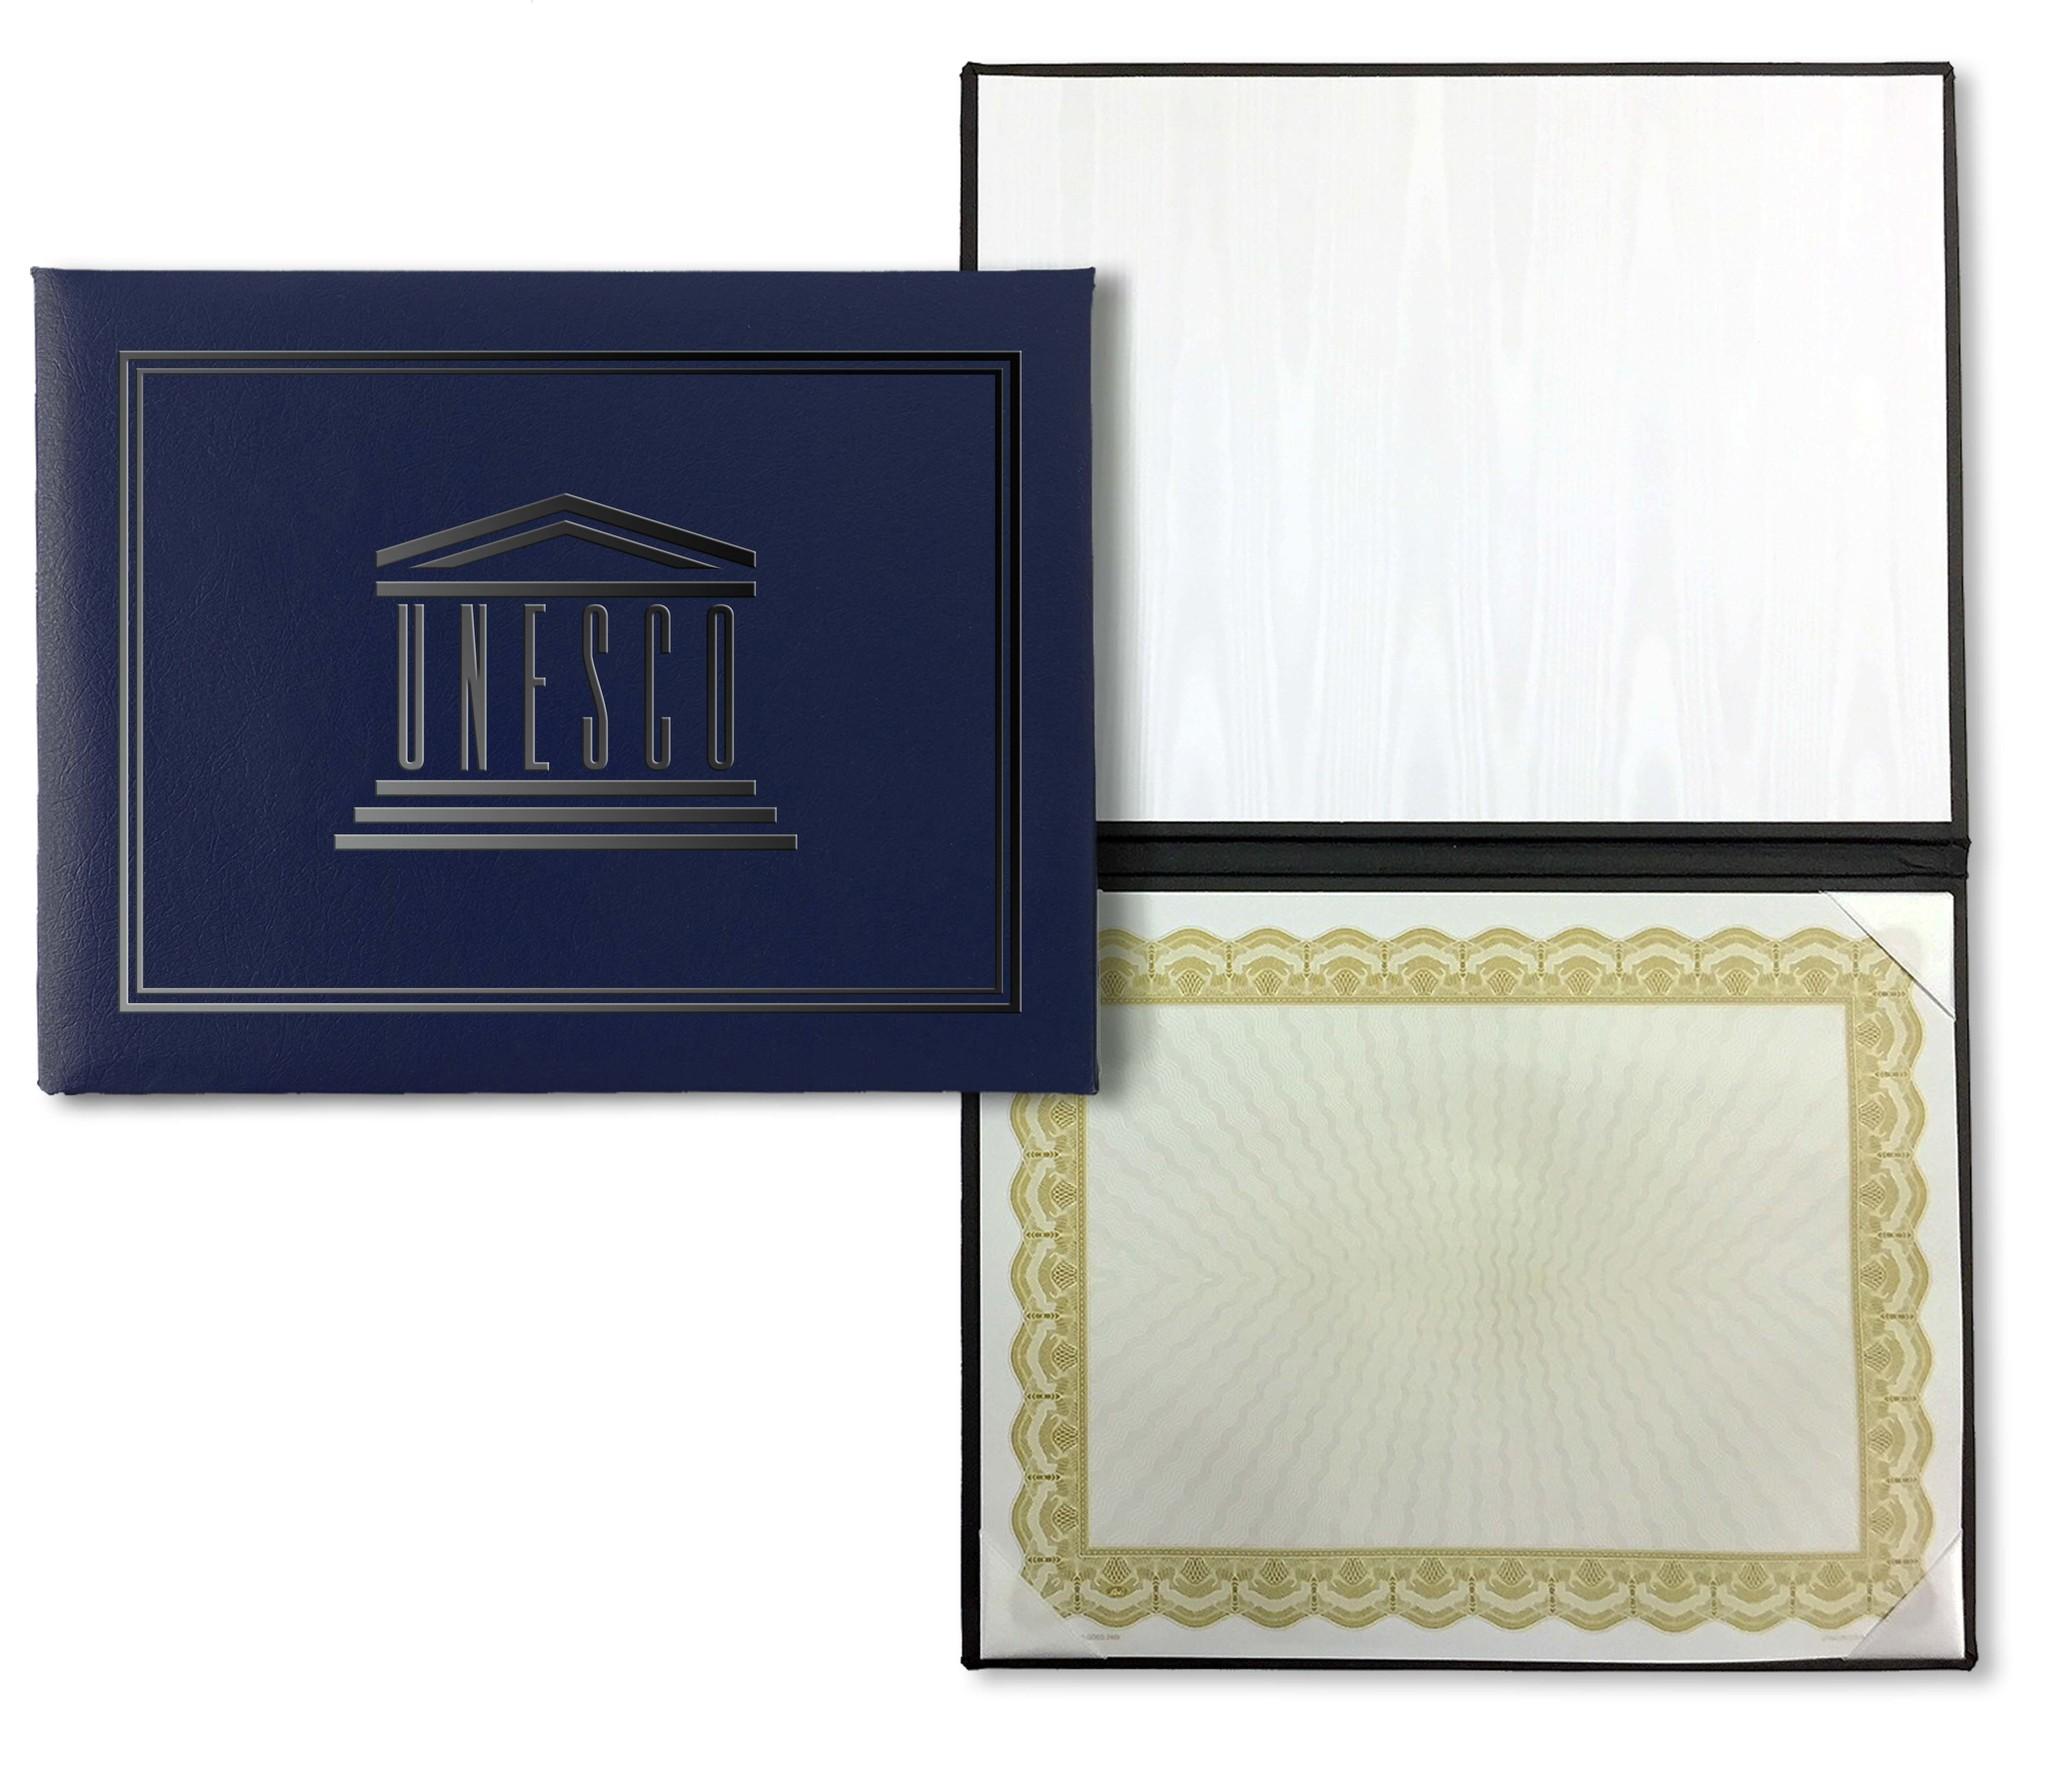 Папка обложка для сертификата/диплома с логотипом